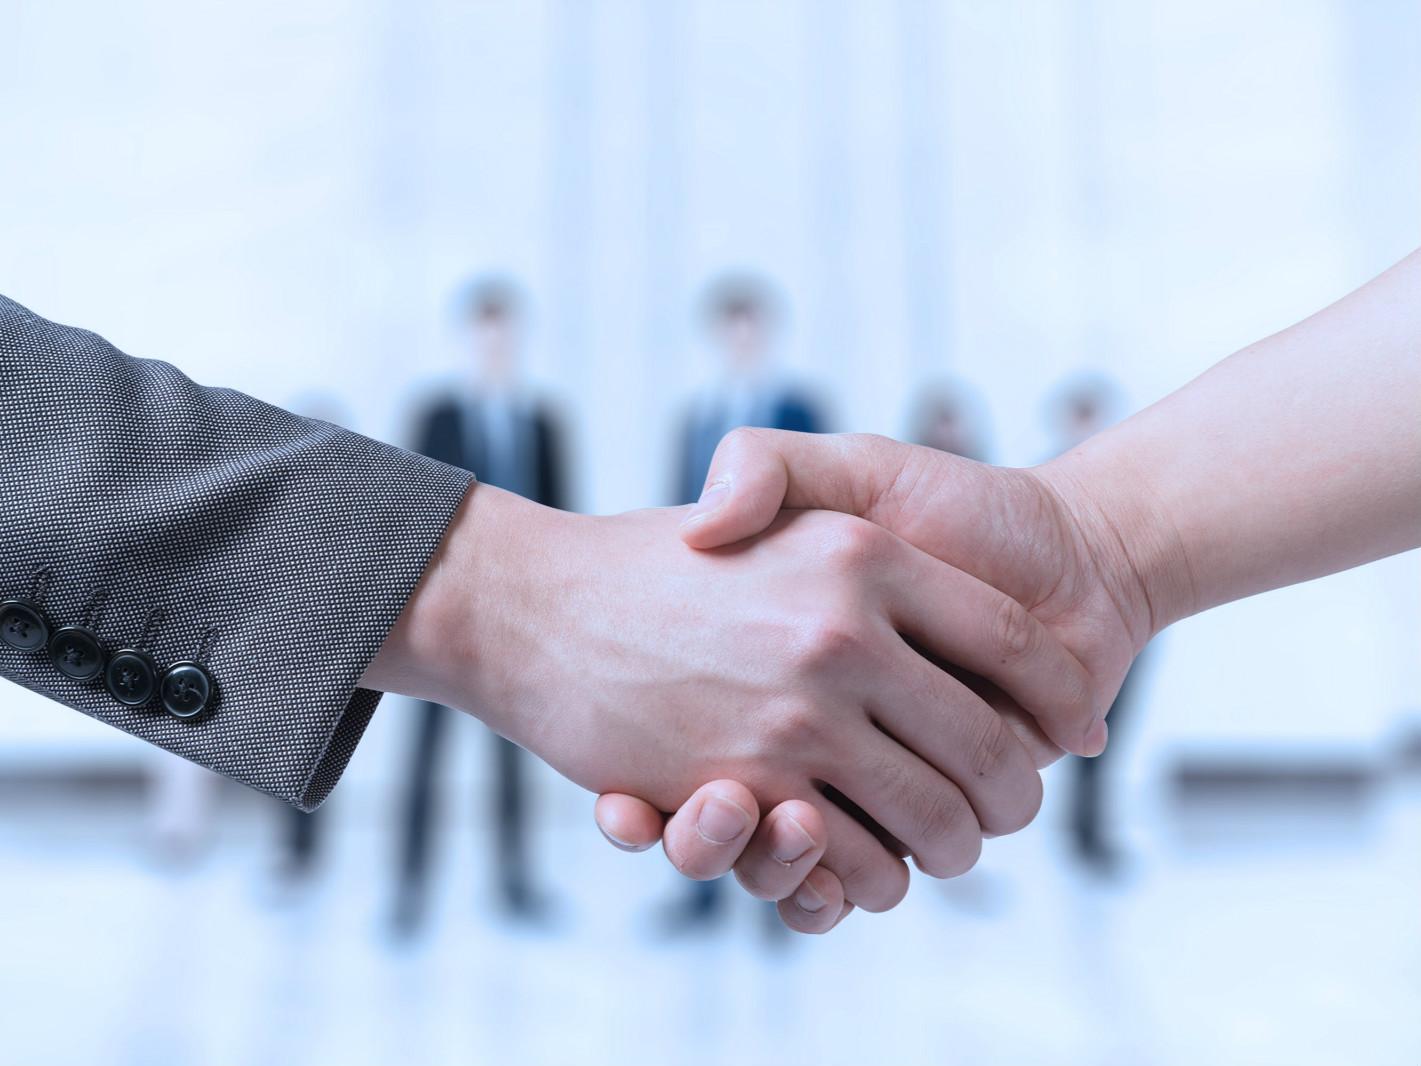 【周三见】天威诚信受邀参加多组织成长型集团财务数智化管理研讨沙龙活动